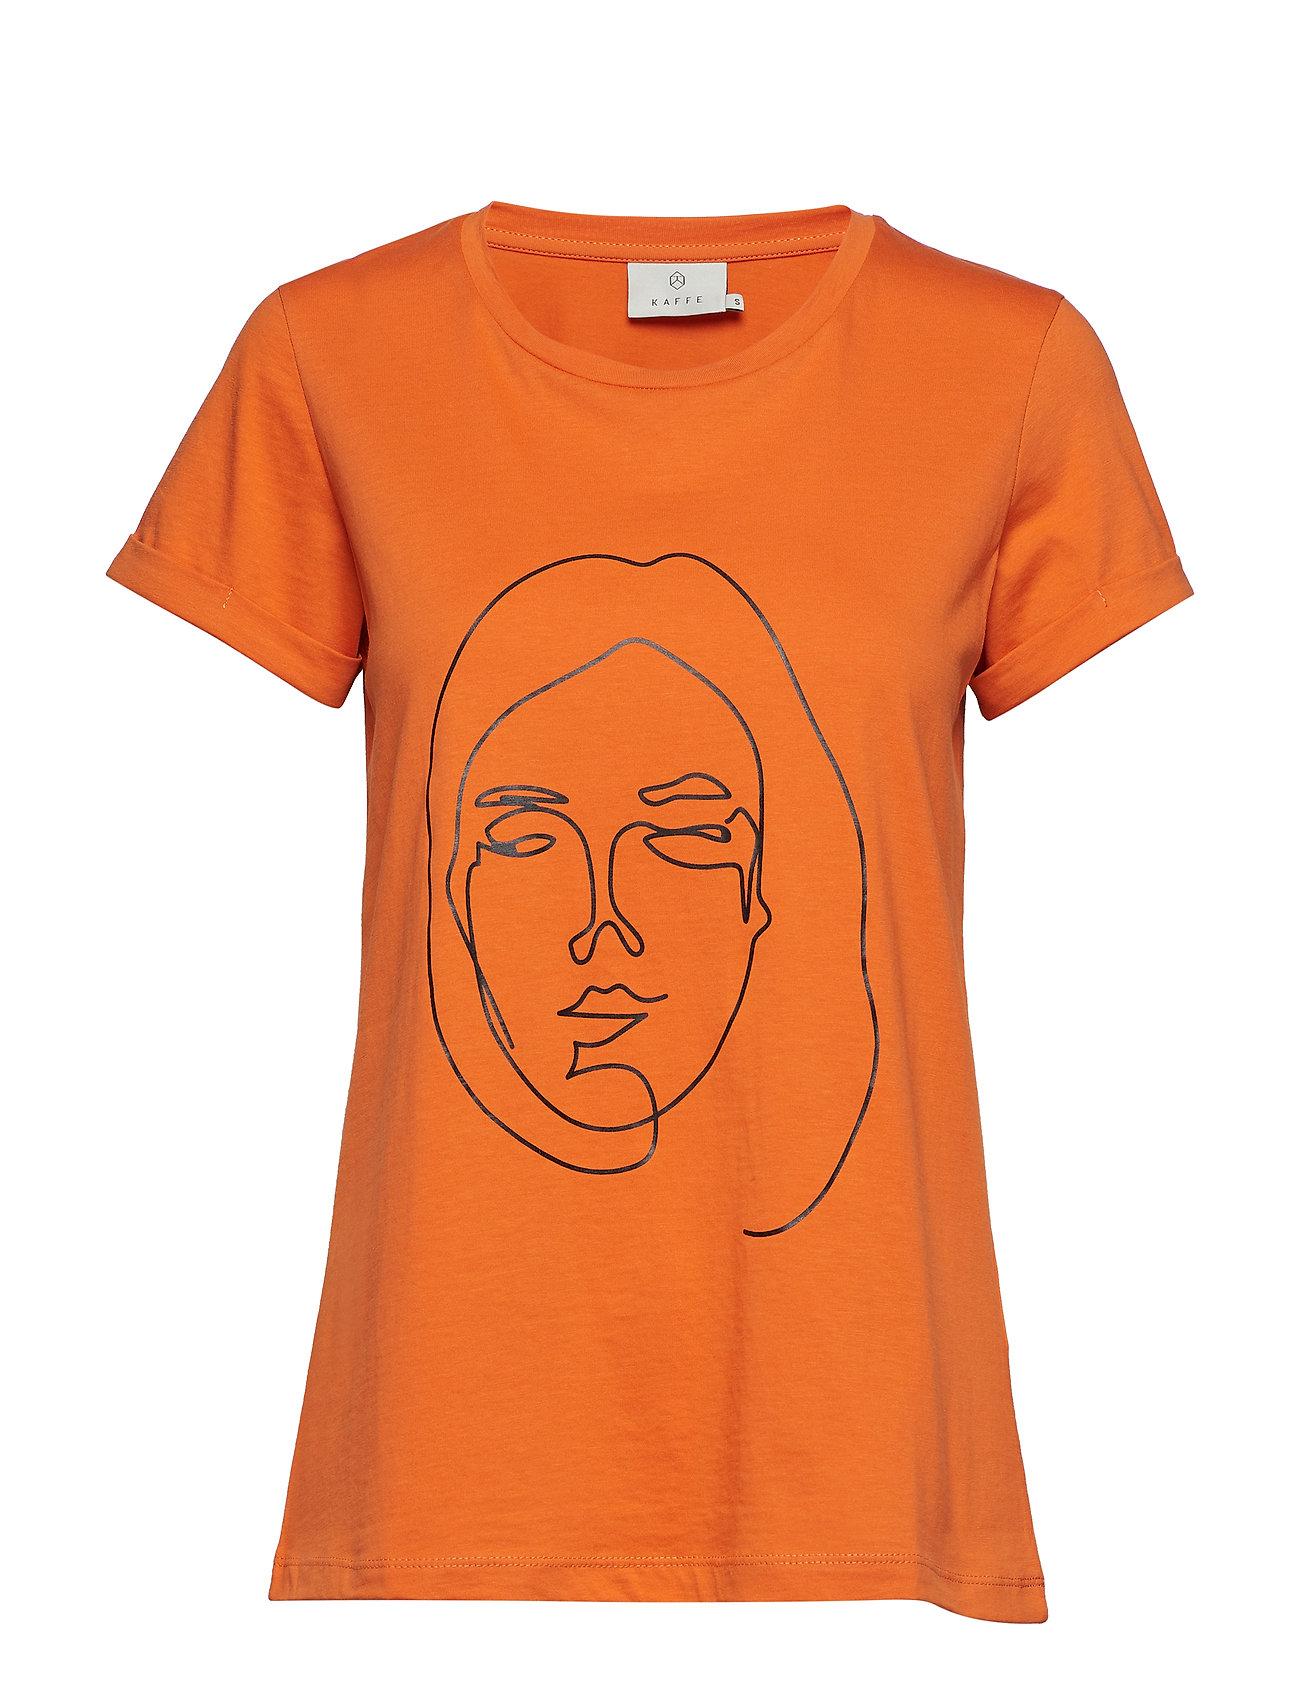 OrangeKaffe OrangeKaffe T Kafie T OrangeKaffe shirtburnt Kafie shirtburnt T Kafie shirtburnt T Kafie sxthCBQdro